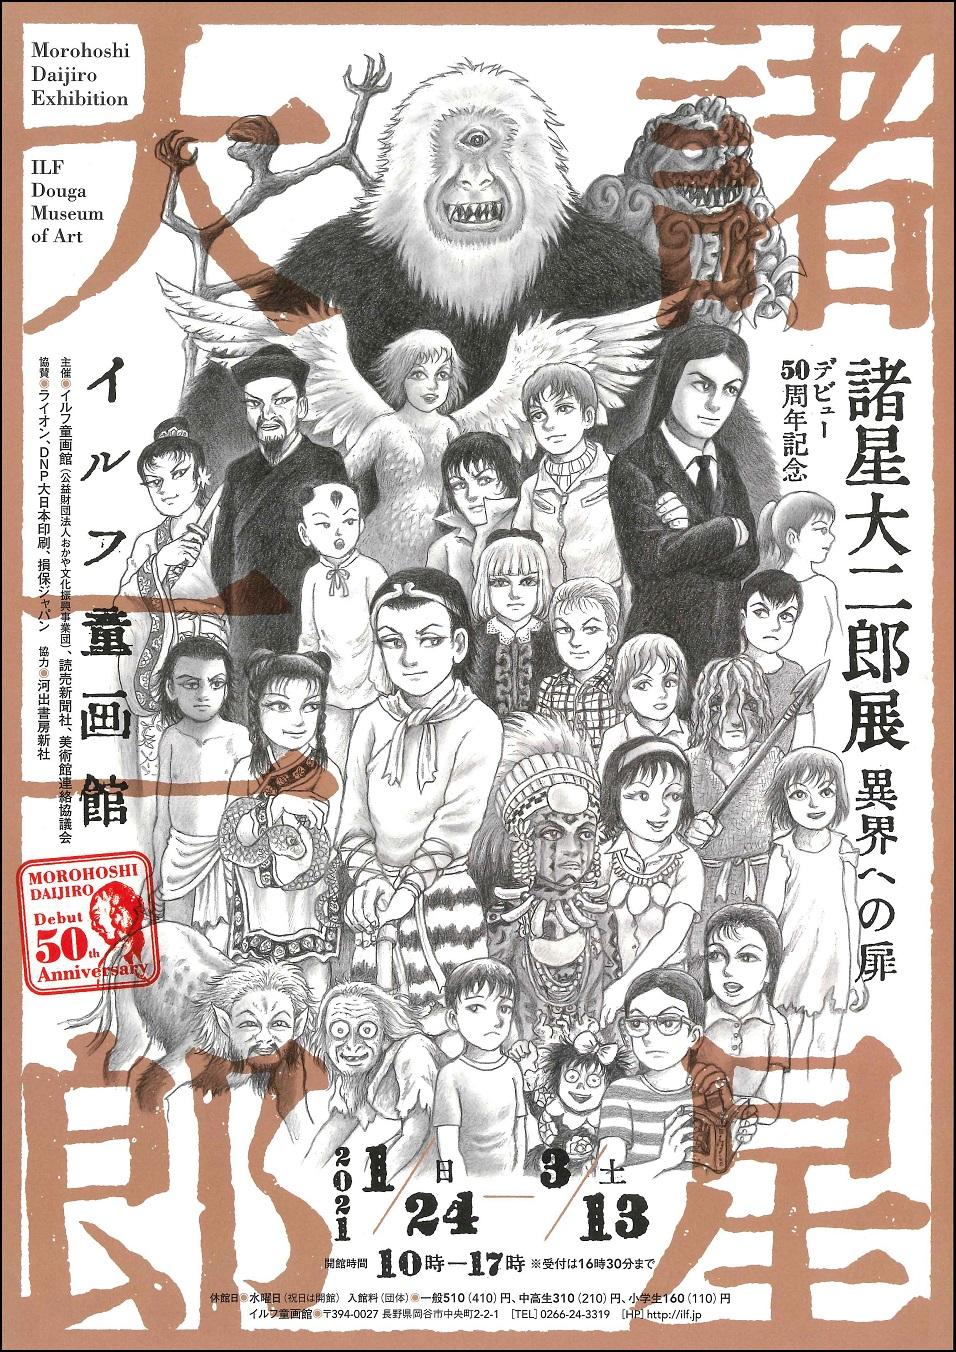 デビュー50周年記念 諸星大二郎展<br>異界への扉<br>(イルフ童話館)